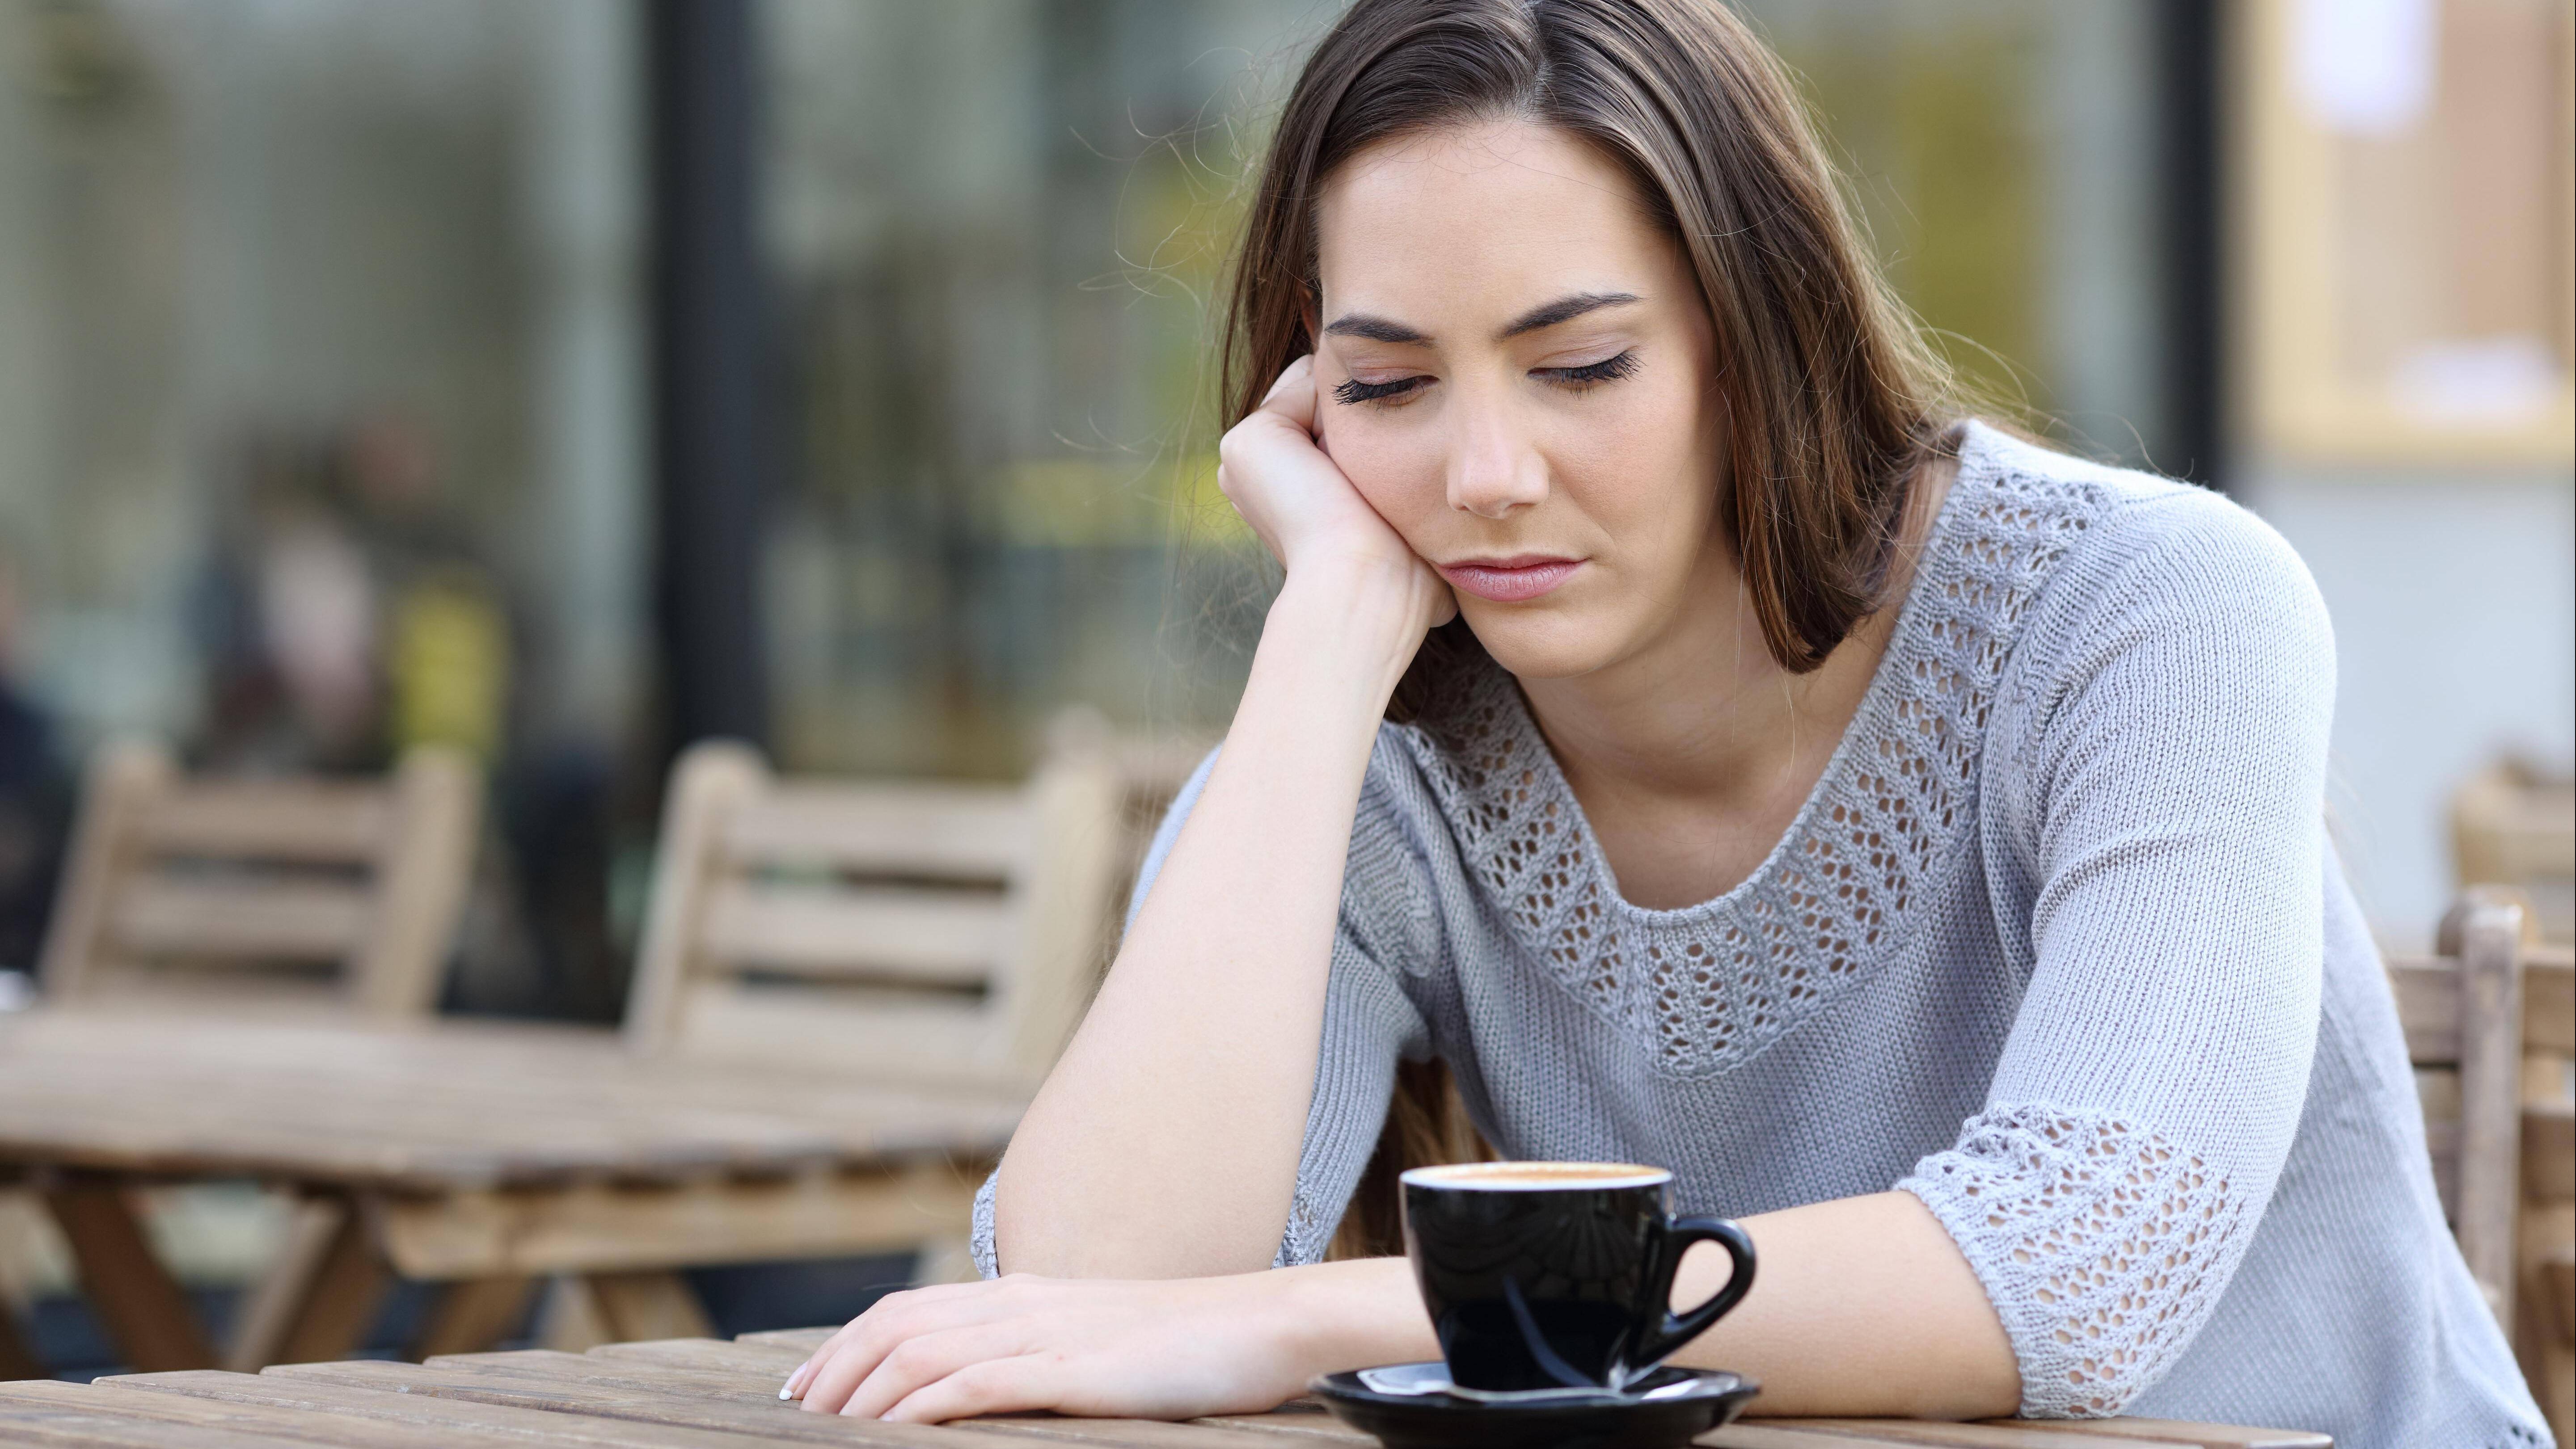 Woran erkennt man Depressionen? Das sind die Anzeichen